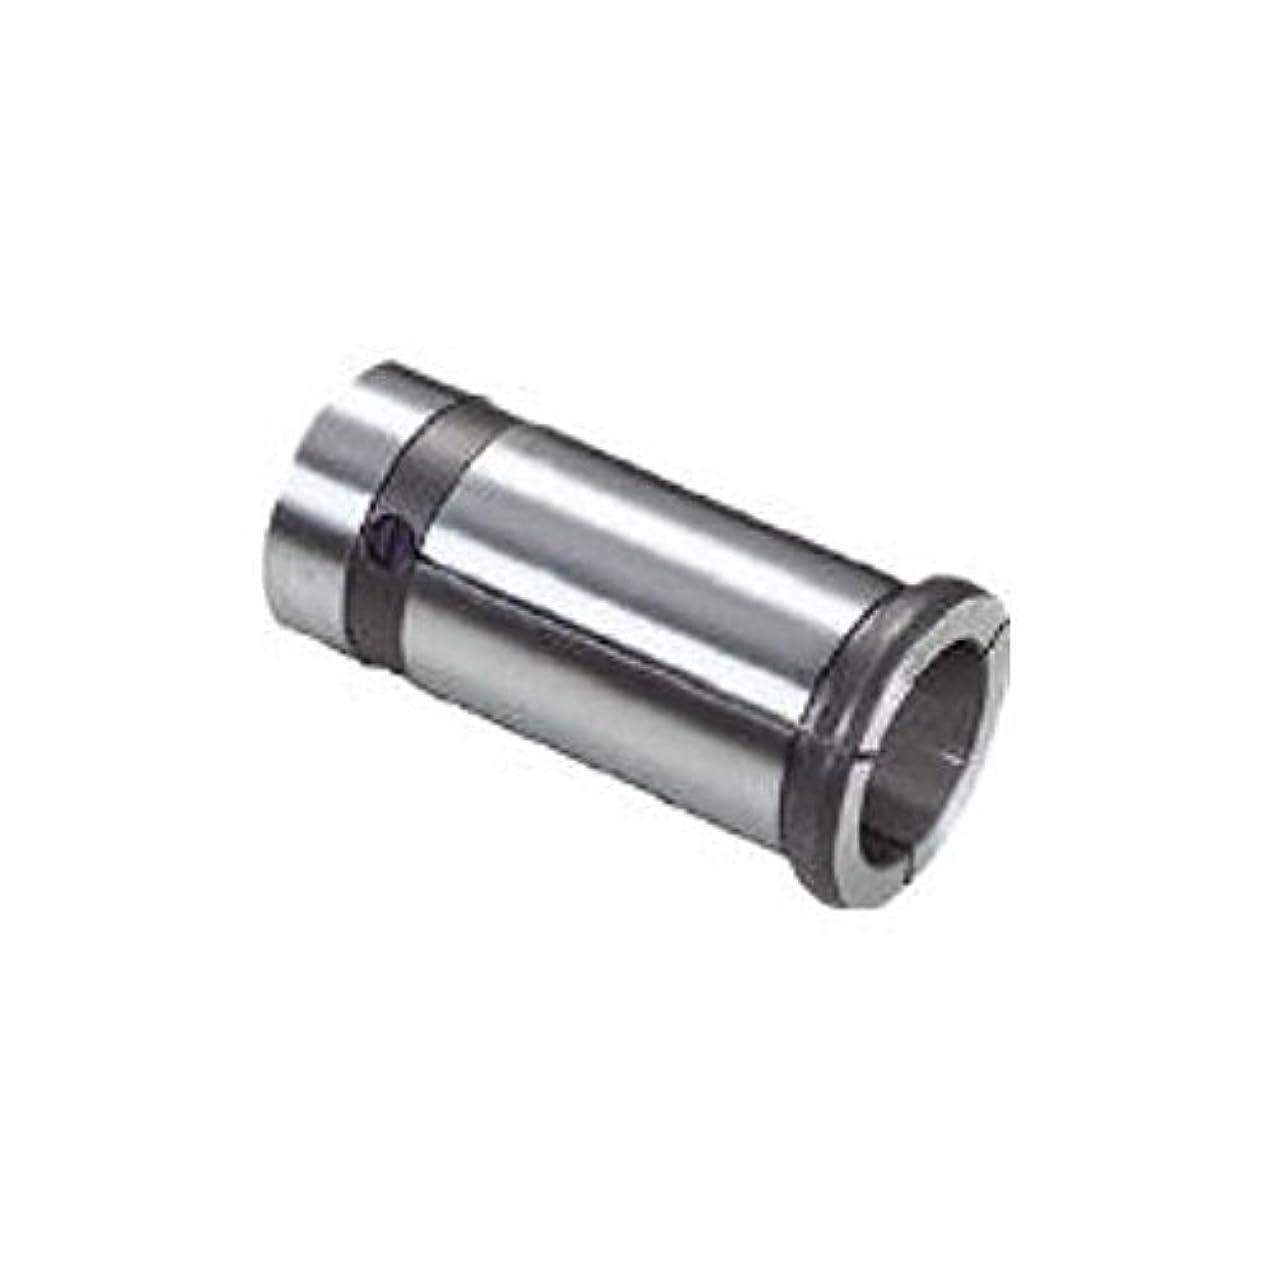 ハリケーン発表チューリップCU86988 ストレートコレット 20mm